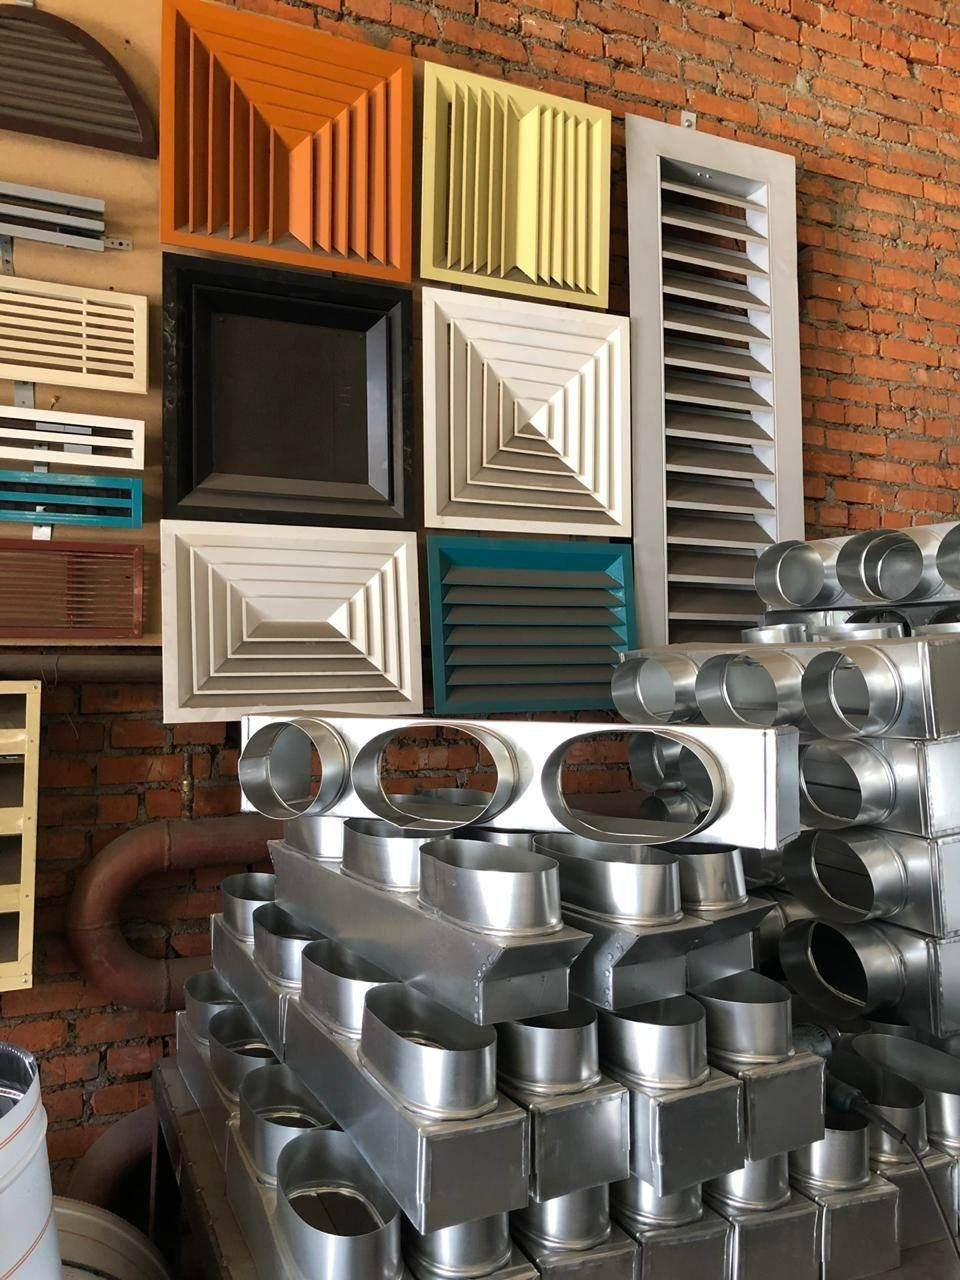 Разновидности и особенности металлических элементов для вентиляции: воздуховодов, труб, коробов, решеток